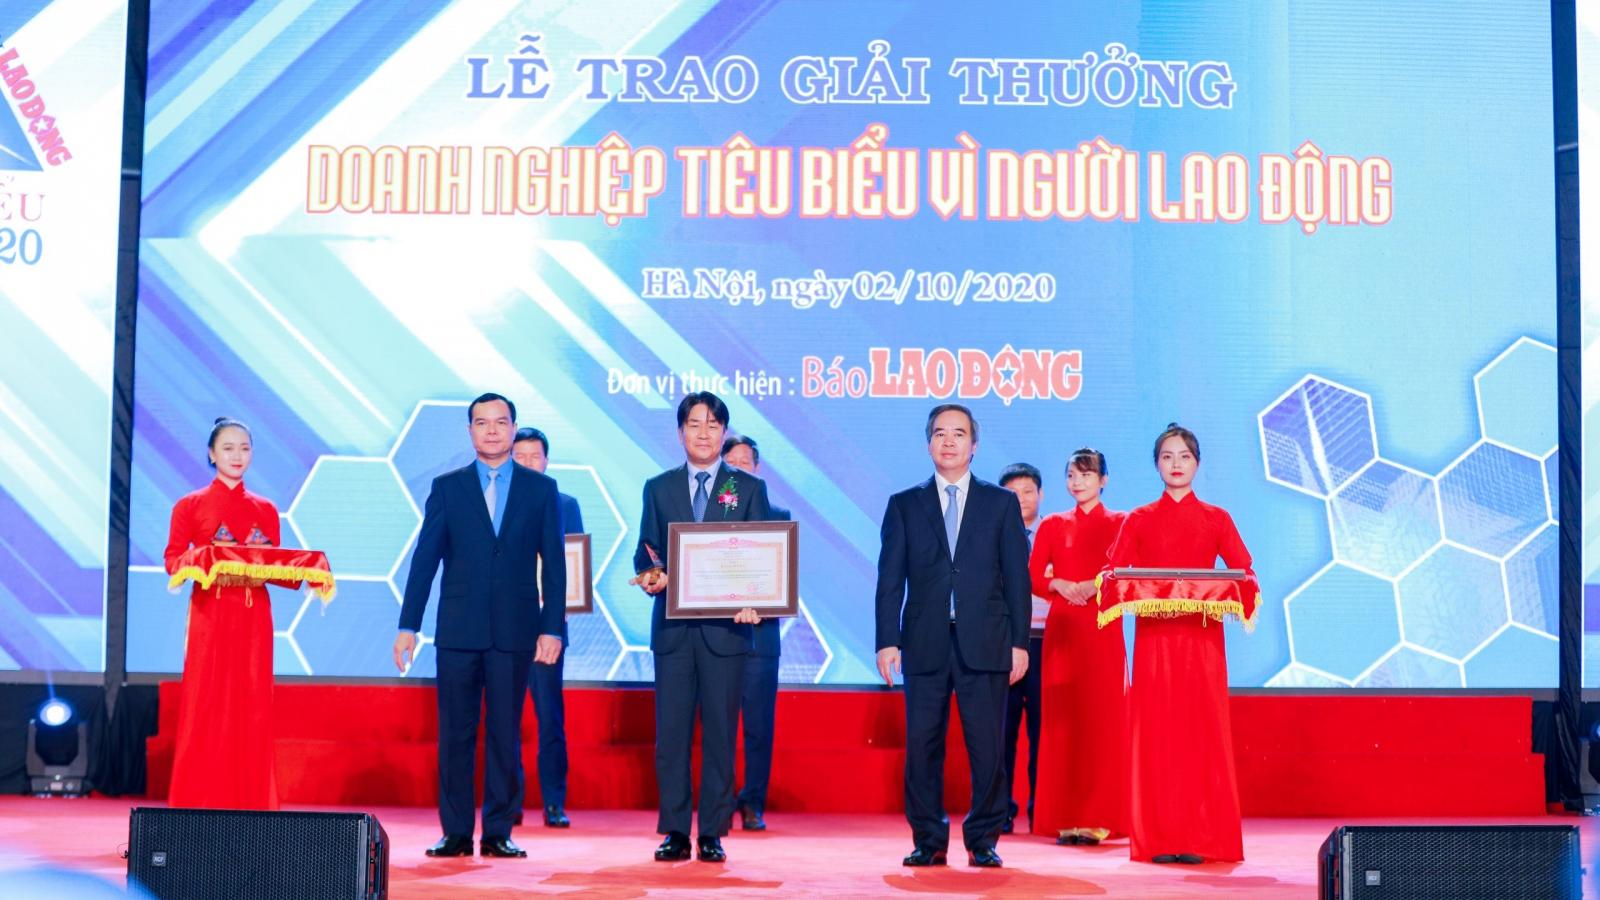 """Samsung nhận bằng khen của Thủ tướng Chính phủ """"Doanh nghiệp tiêu biểu vì người lao động"""""""